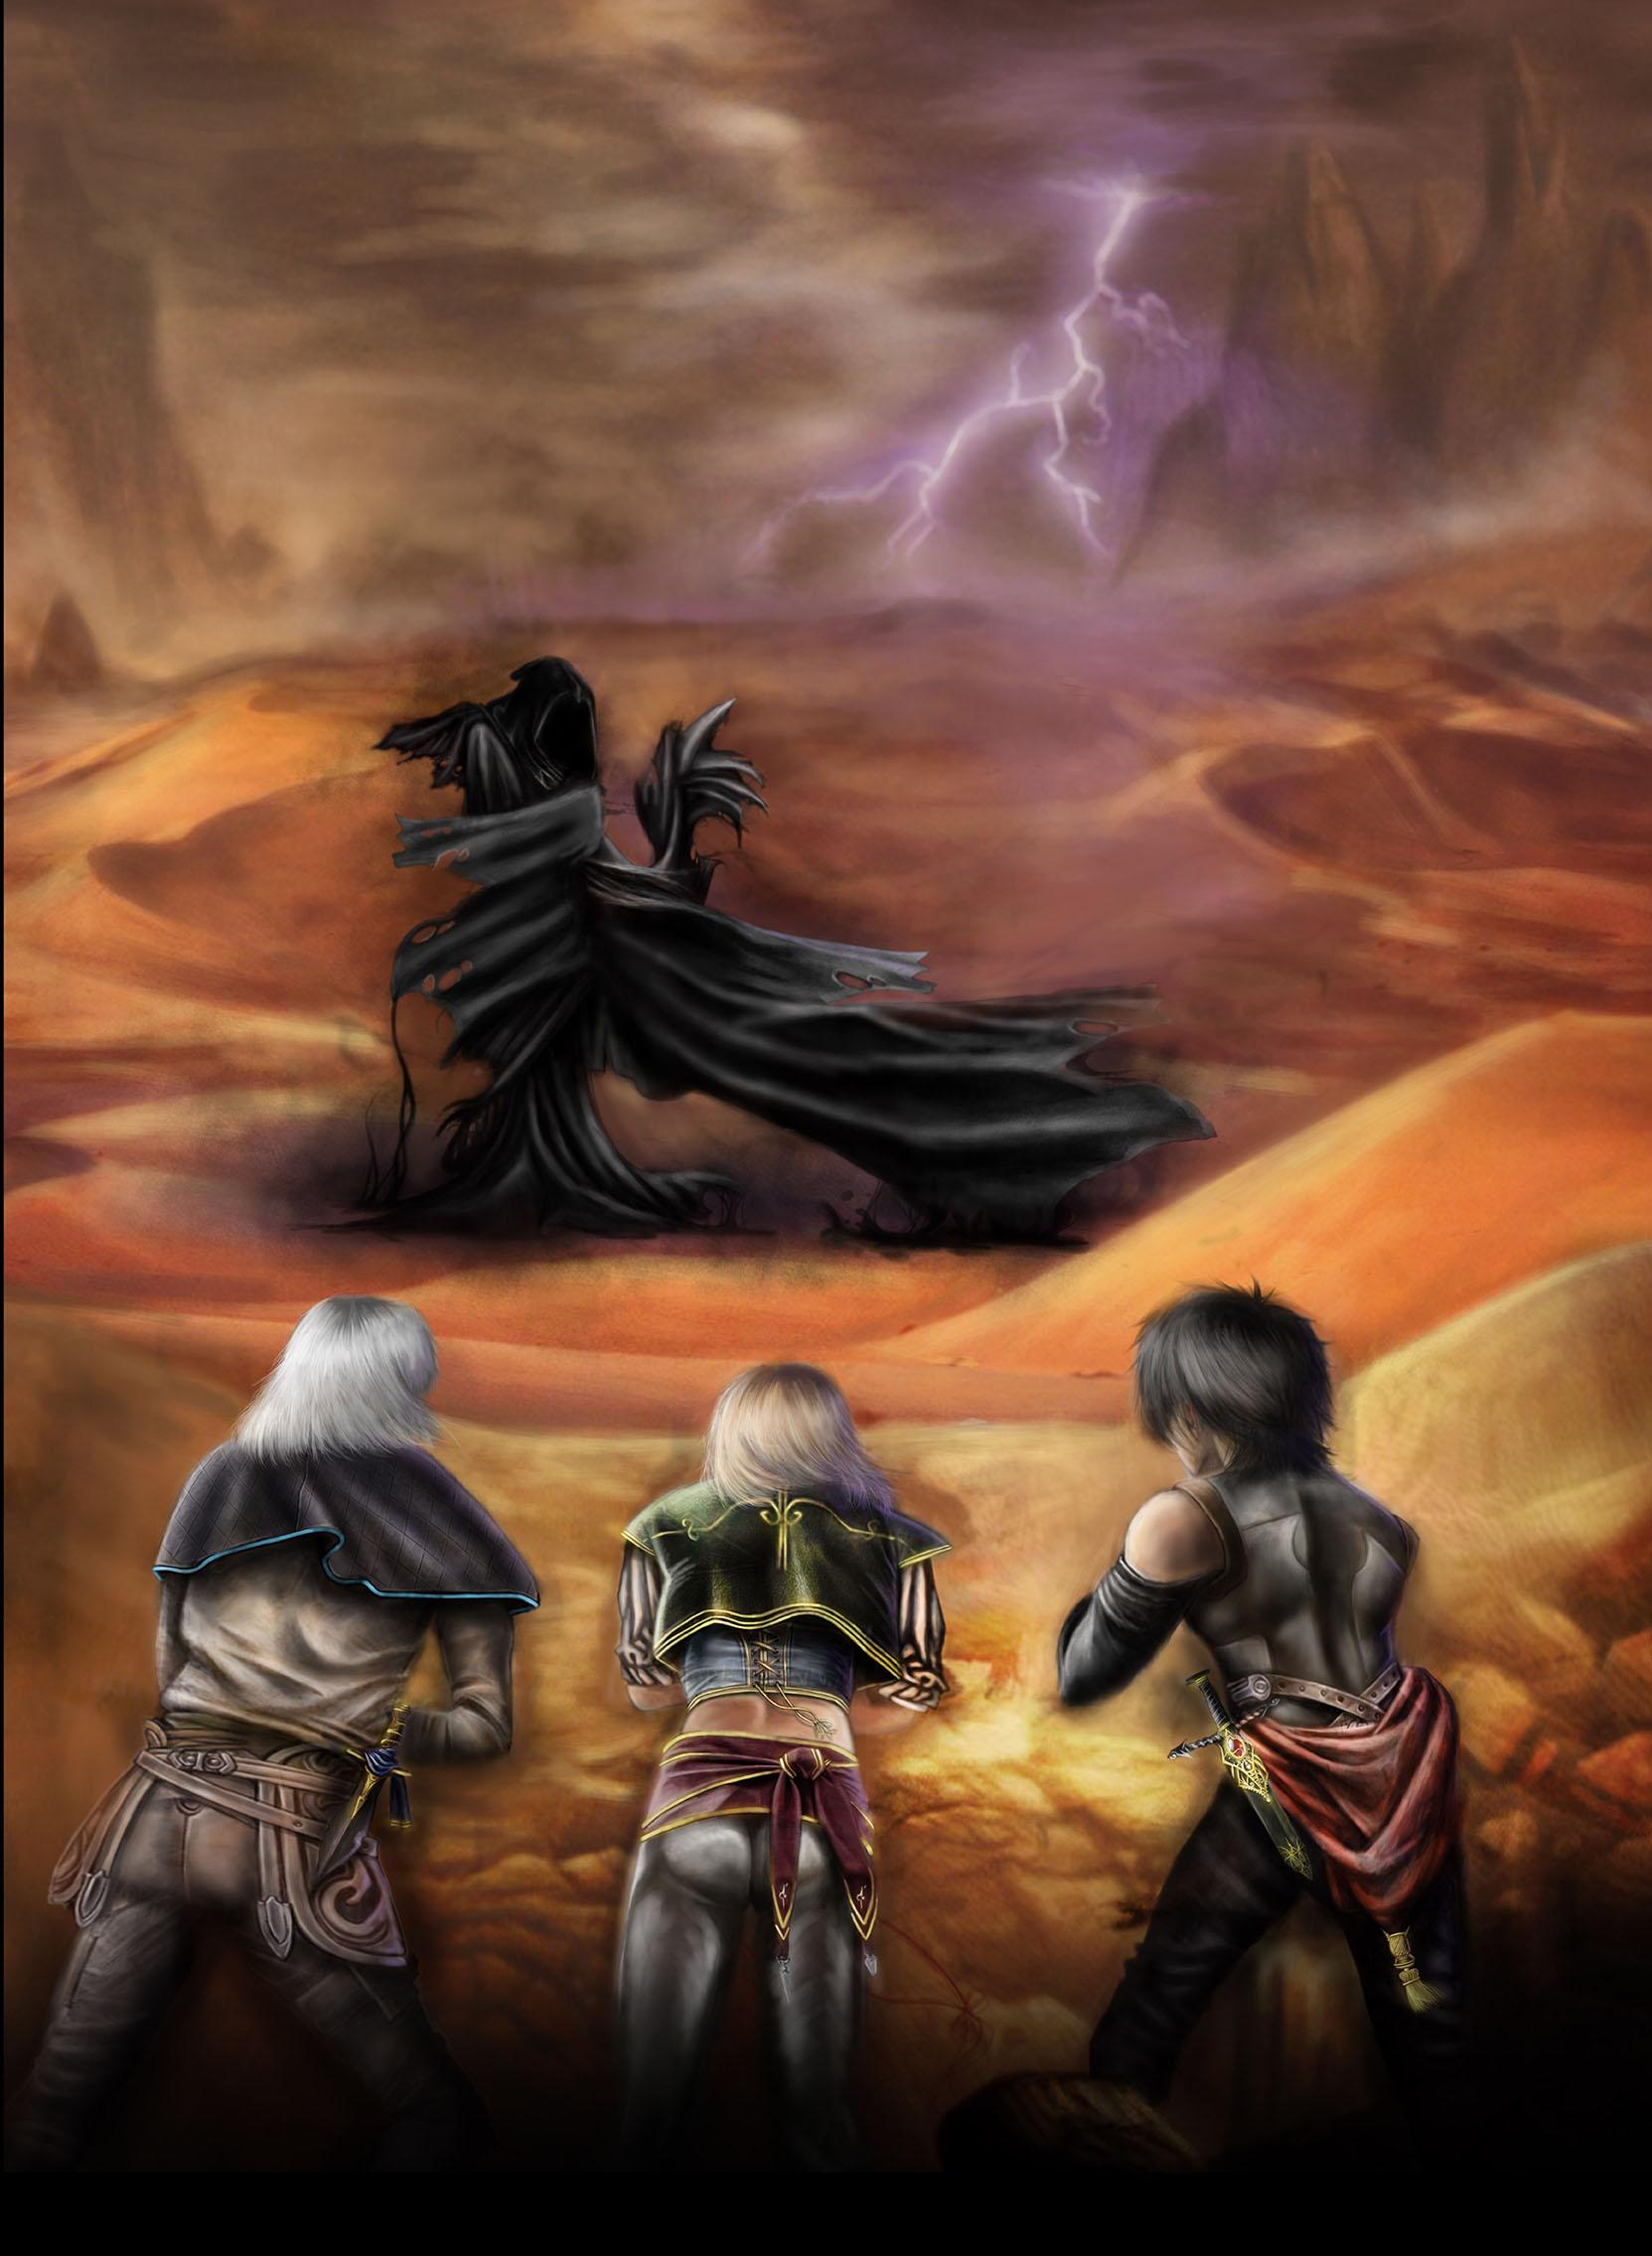 Immagine di Elamar, Nayla e Gotland nel deserto - Illustrazione fantasy tratta da I Guerrieri d'argento - Le Cronache dei 5 Regni - Elvio Ravasio, autore di libri fantasy